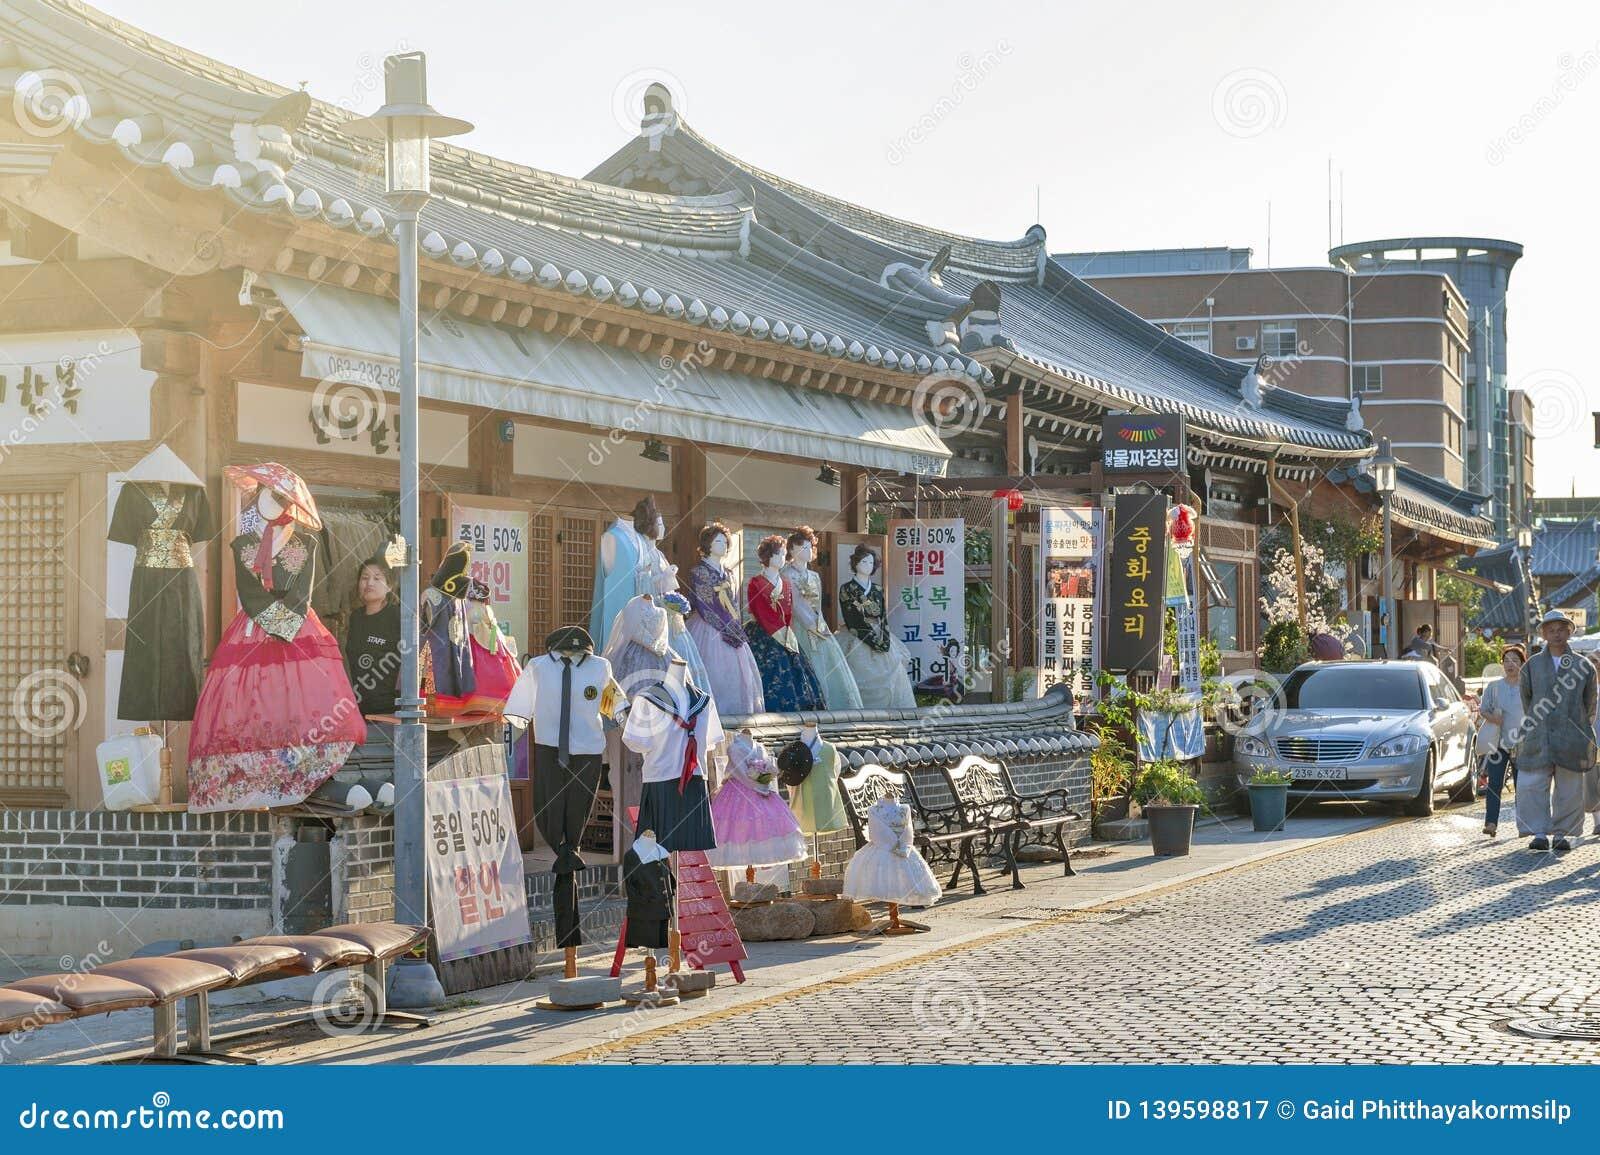 Κορεατικό παραδοσιακό κατάστημα ενοικίου φορεμάτων Hanboknam στο χωριό Jeonju Hanok, Νότια Κορέα